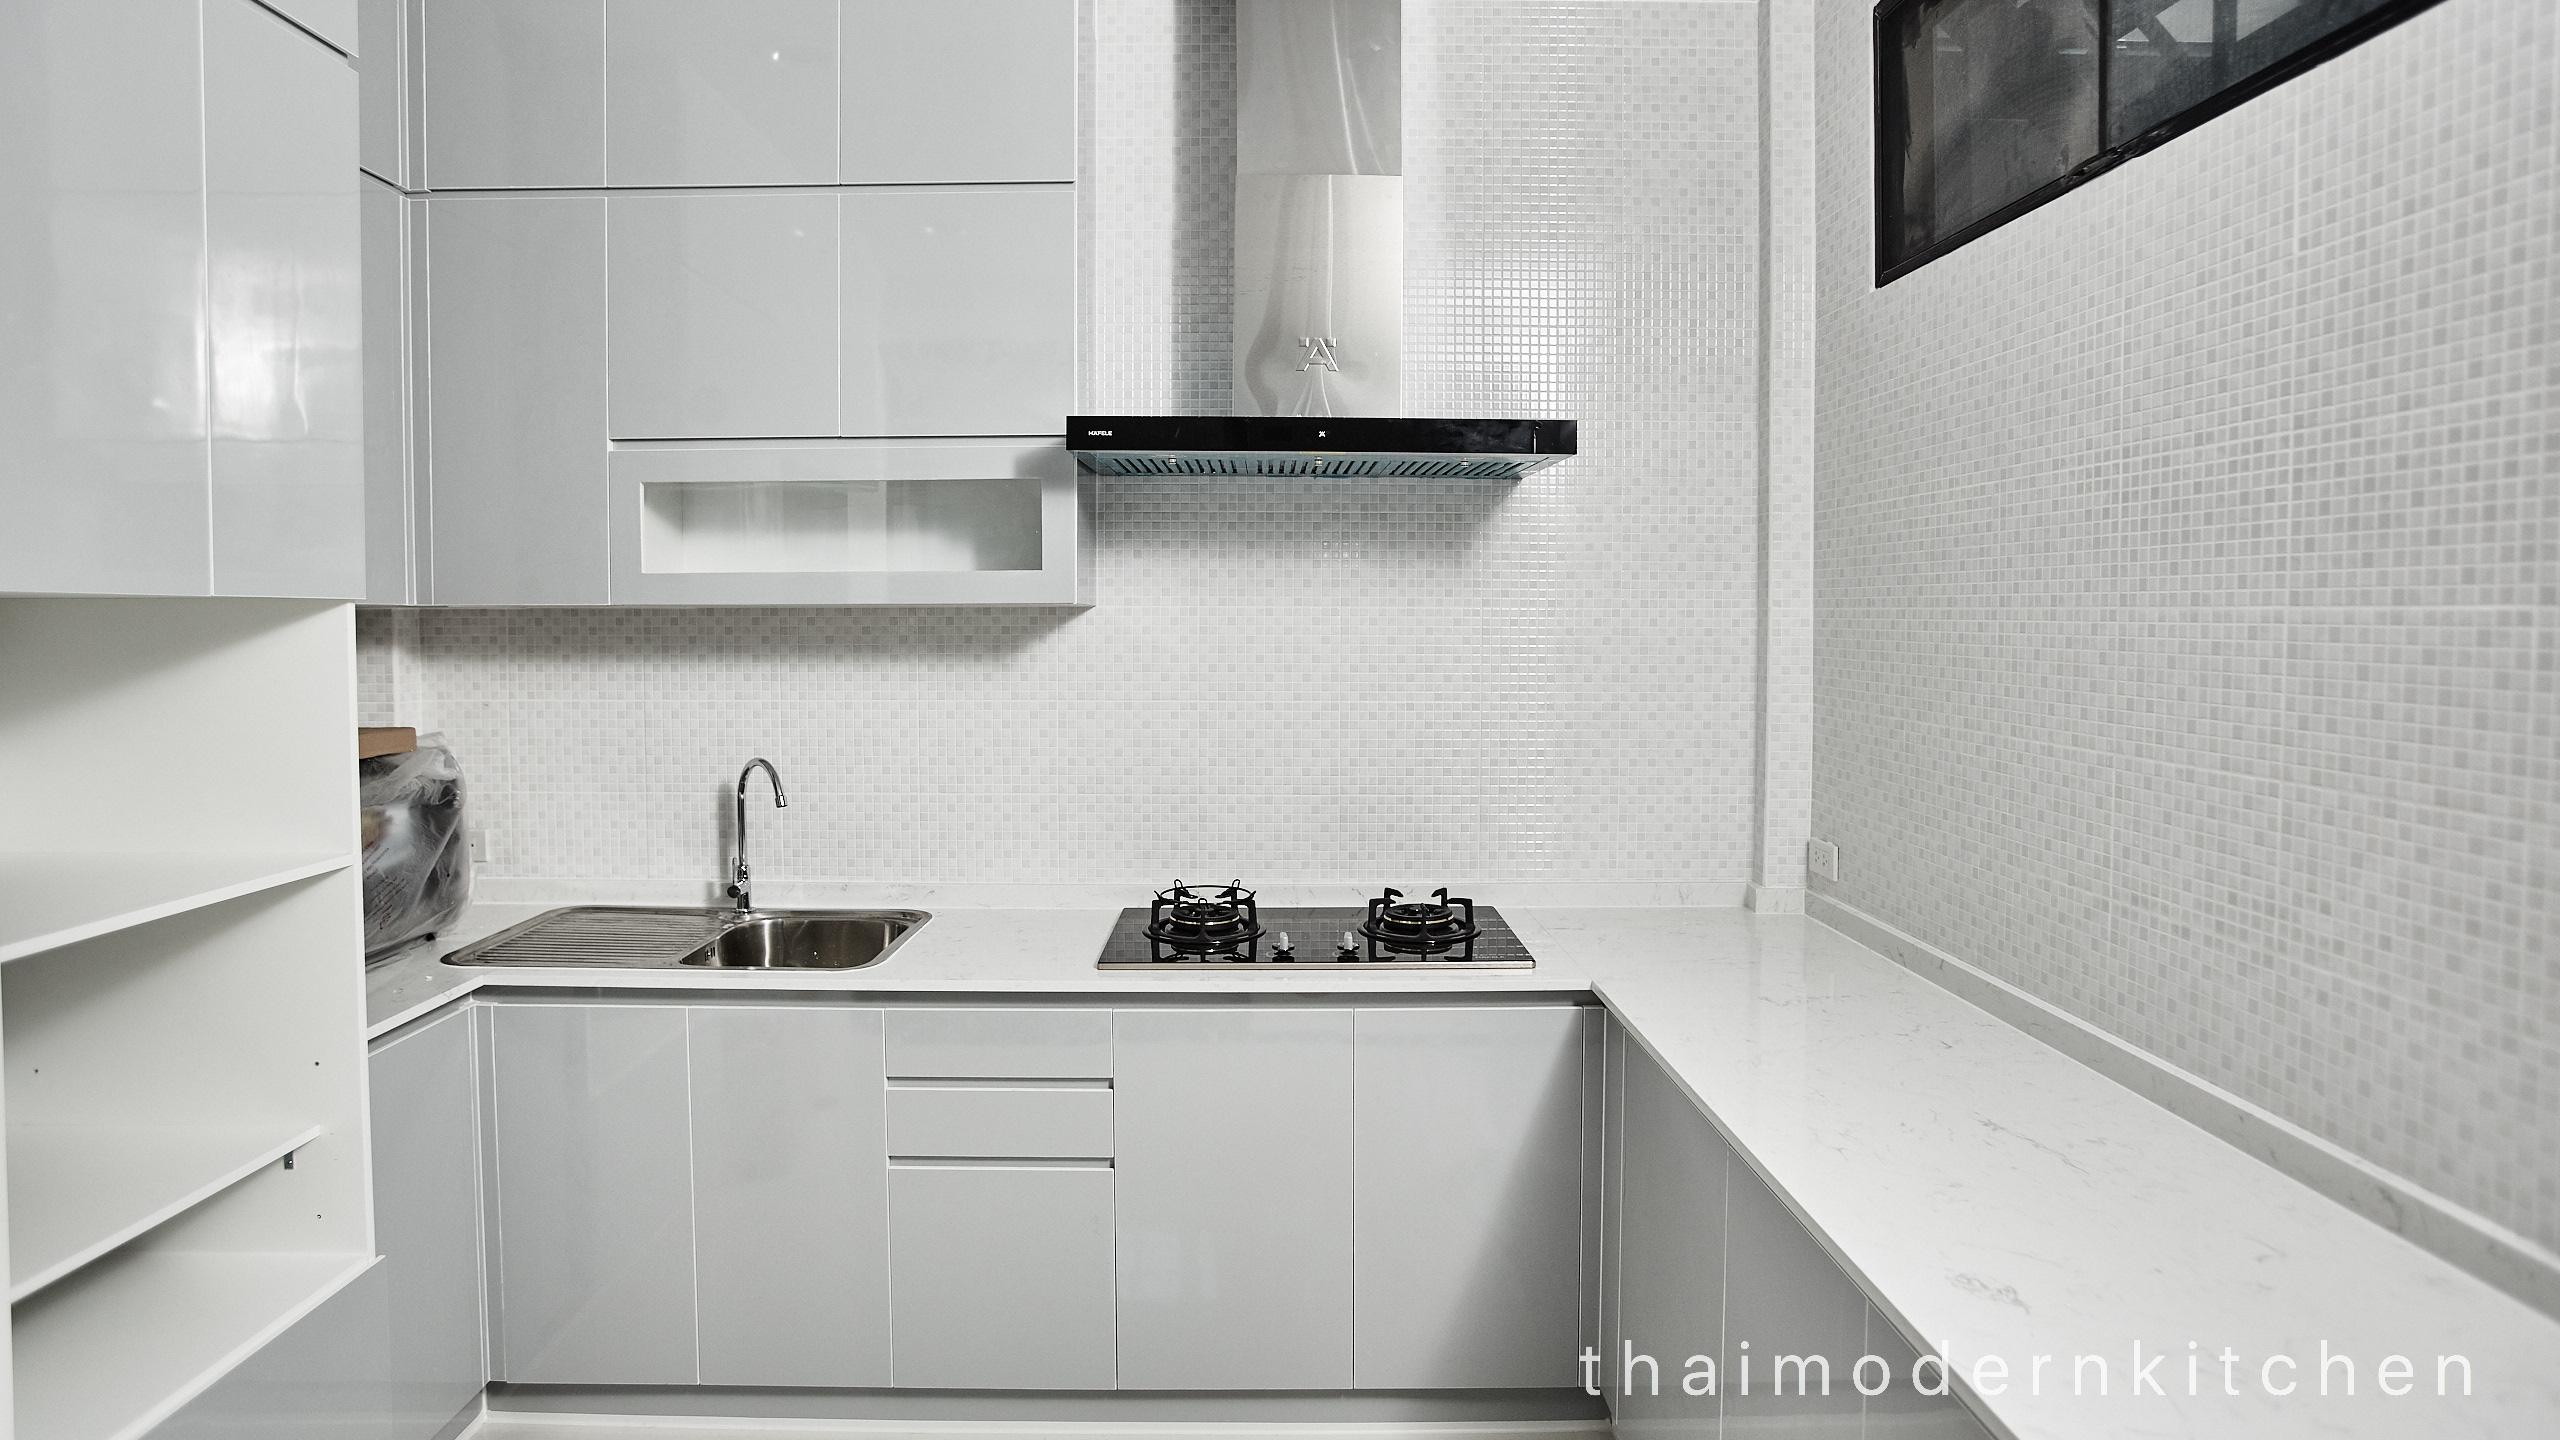 ครัวบิ้วอิน A=1.9 ตู้ล่าง B =2 ตู้ล่าง C =0.3 ตู้ล่าง 2.3 ตู้บน 0.6 ตู้เต็ม สูง 220 cm